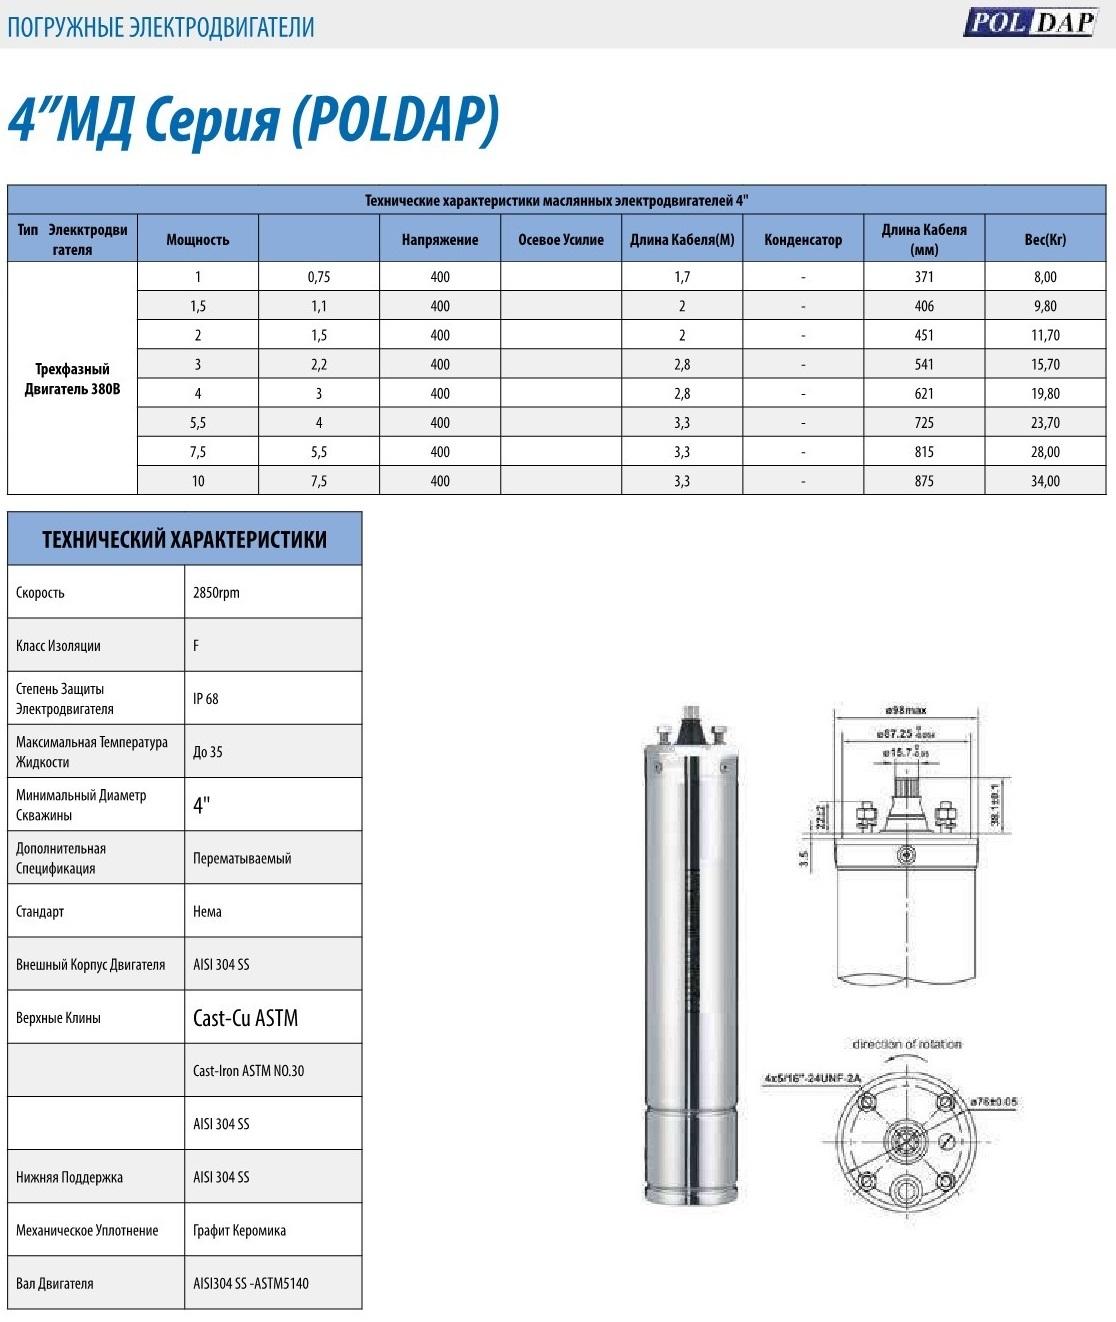 """4"""" 3-фазный маслонаполненный двигатель POLDAP, Турция,   1,1 кВт"""